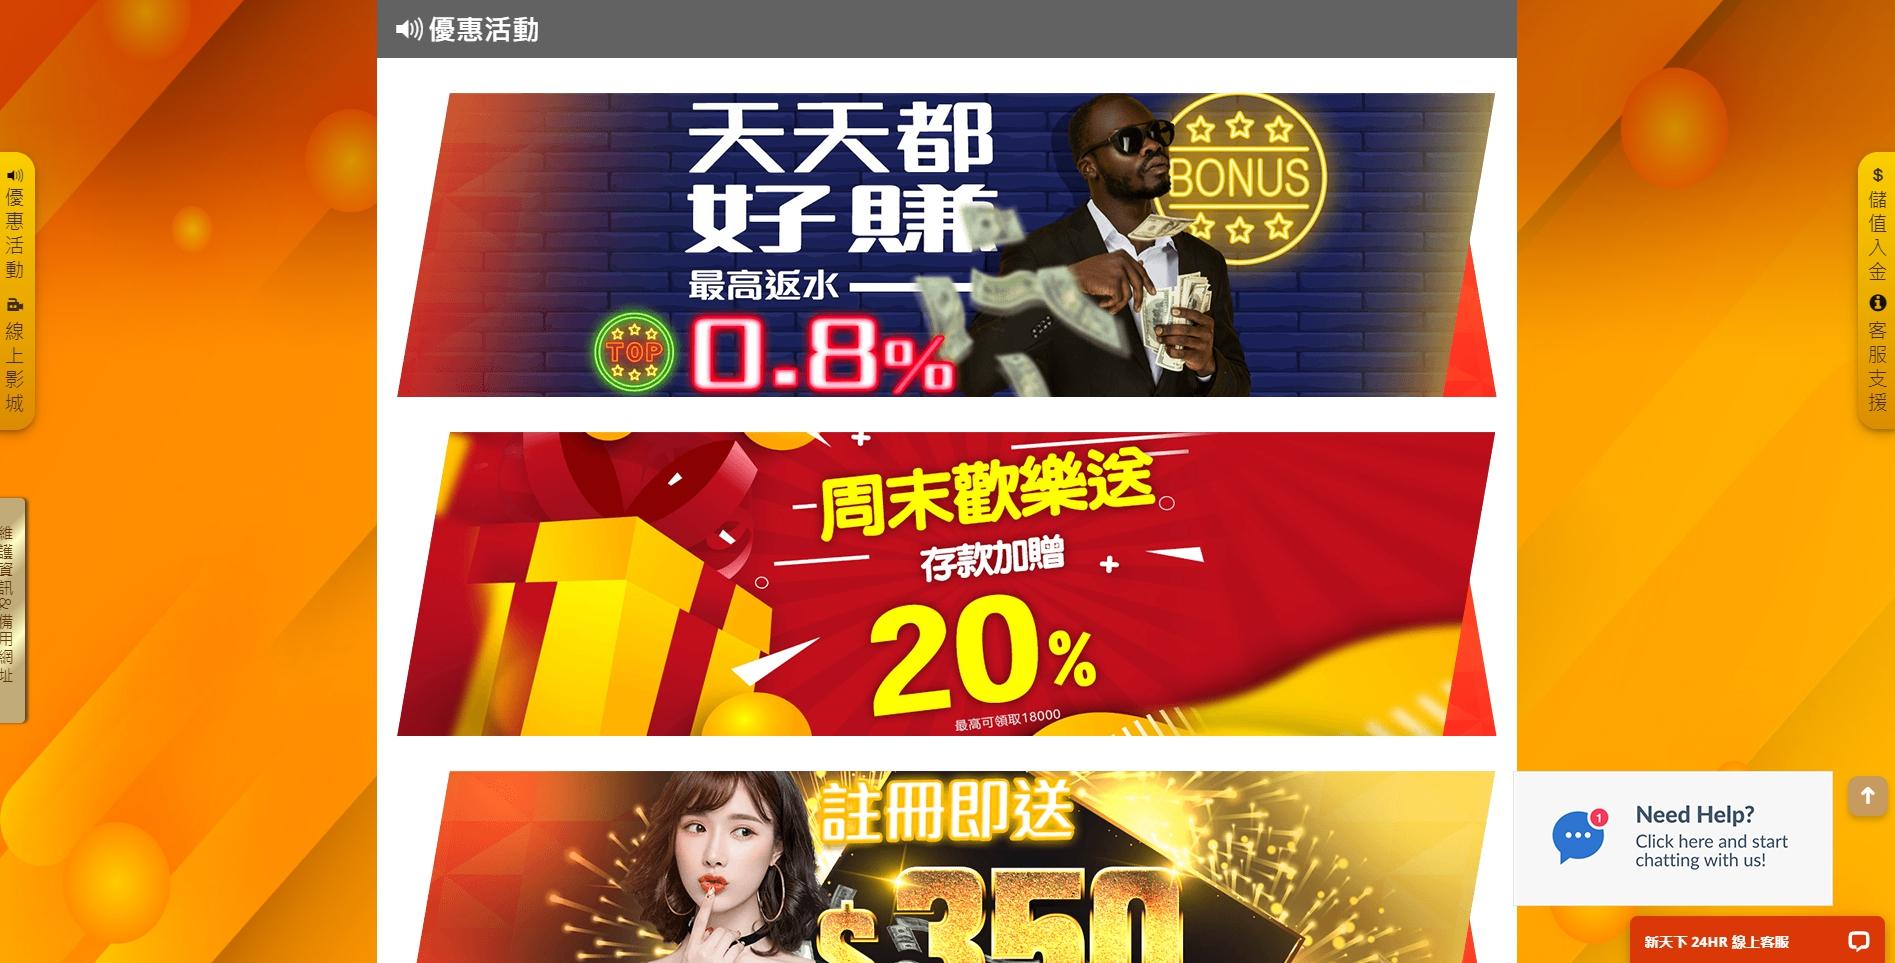 金禾娛樂城 出金穩定快速優惠有很多嗎?個人經驗談